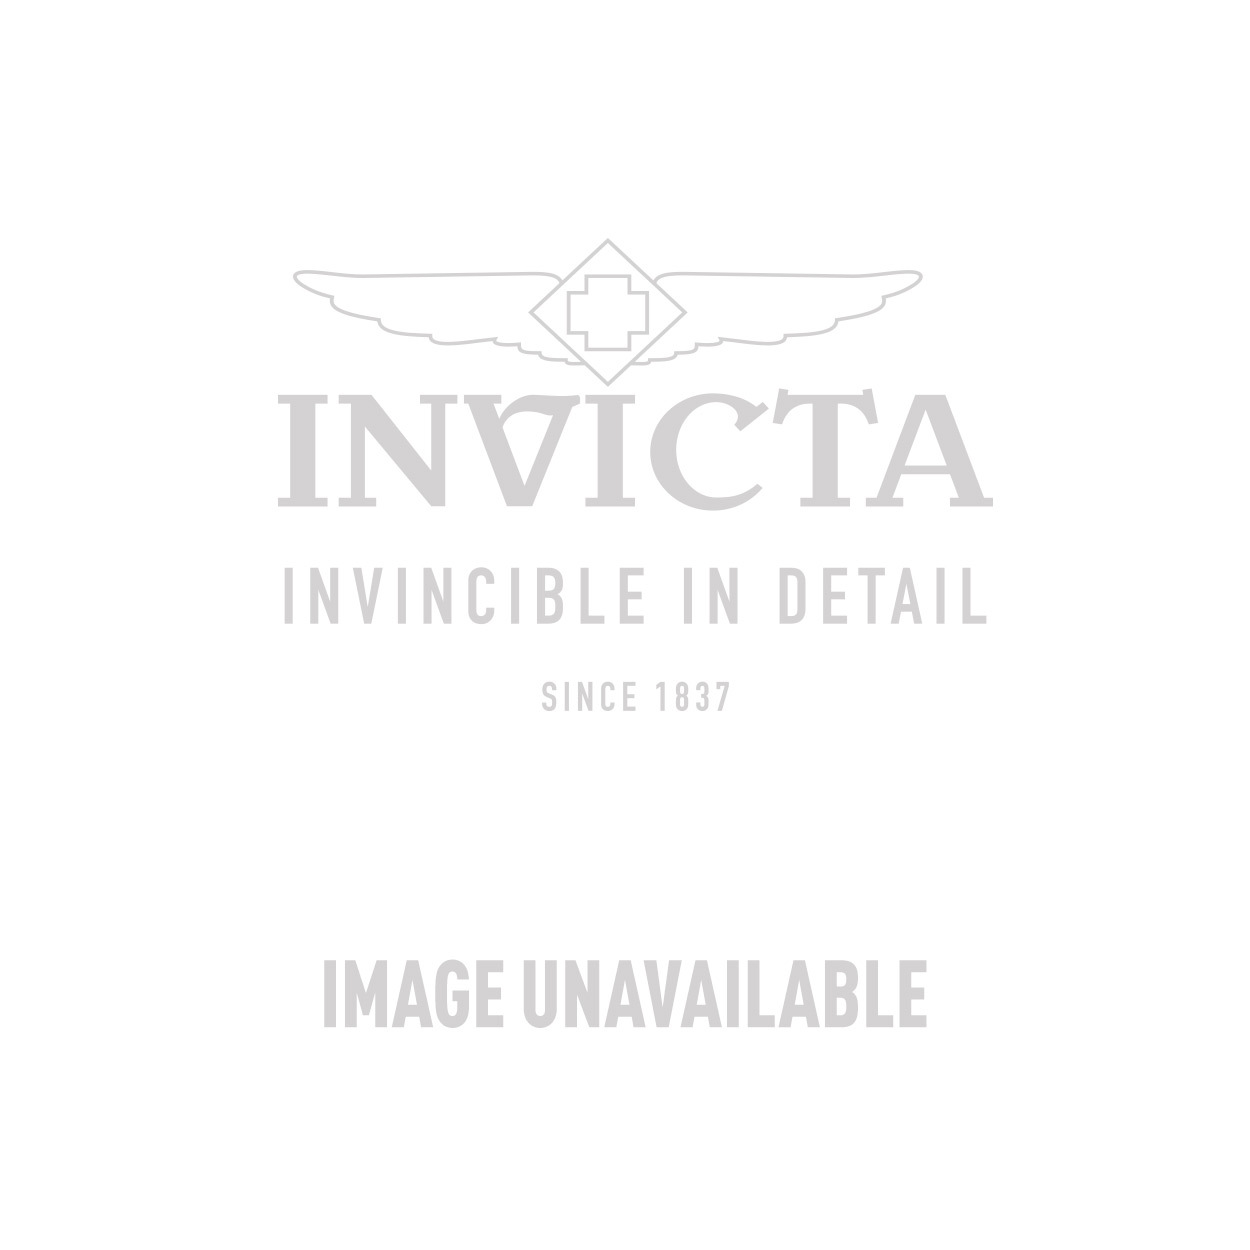 Invicta Model 28944